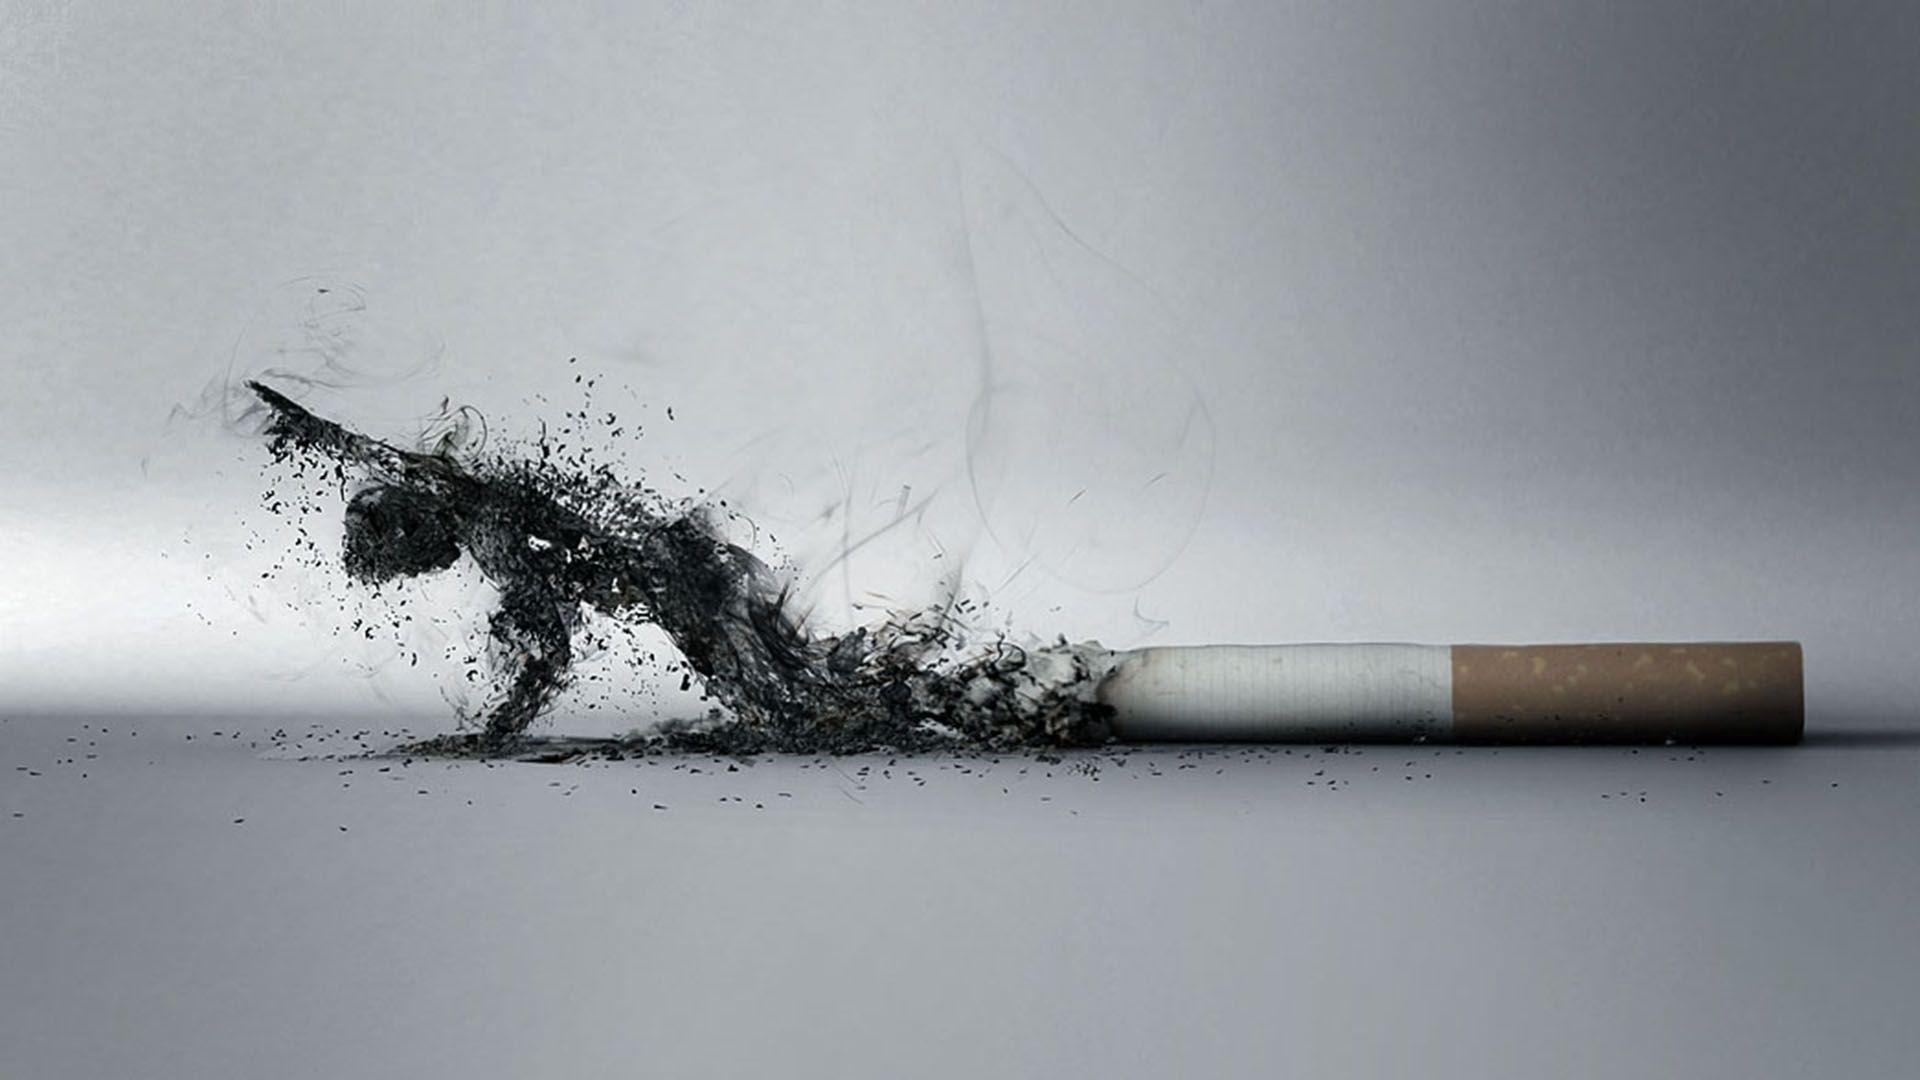 اضرار التدخين على الجهاز العصبي